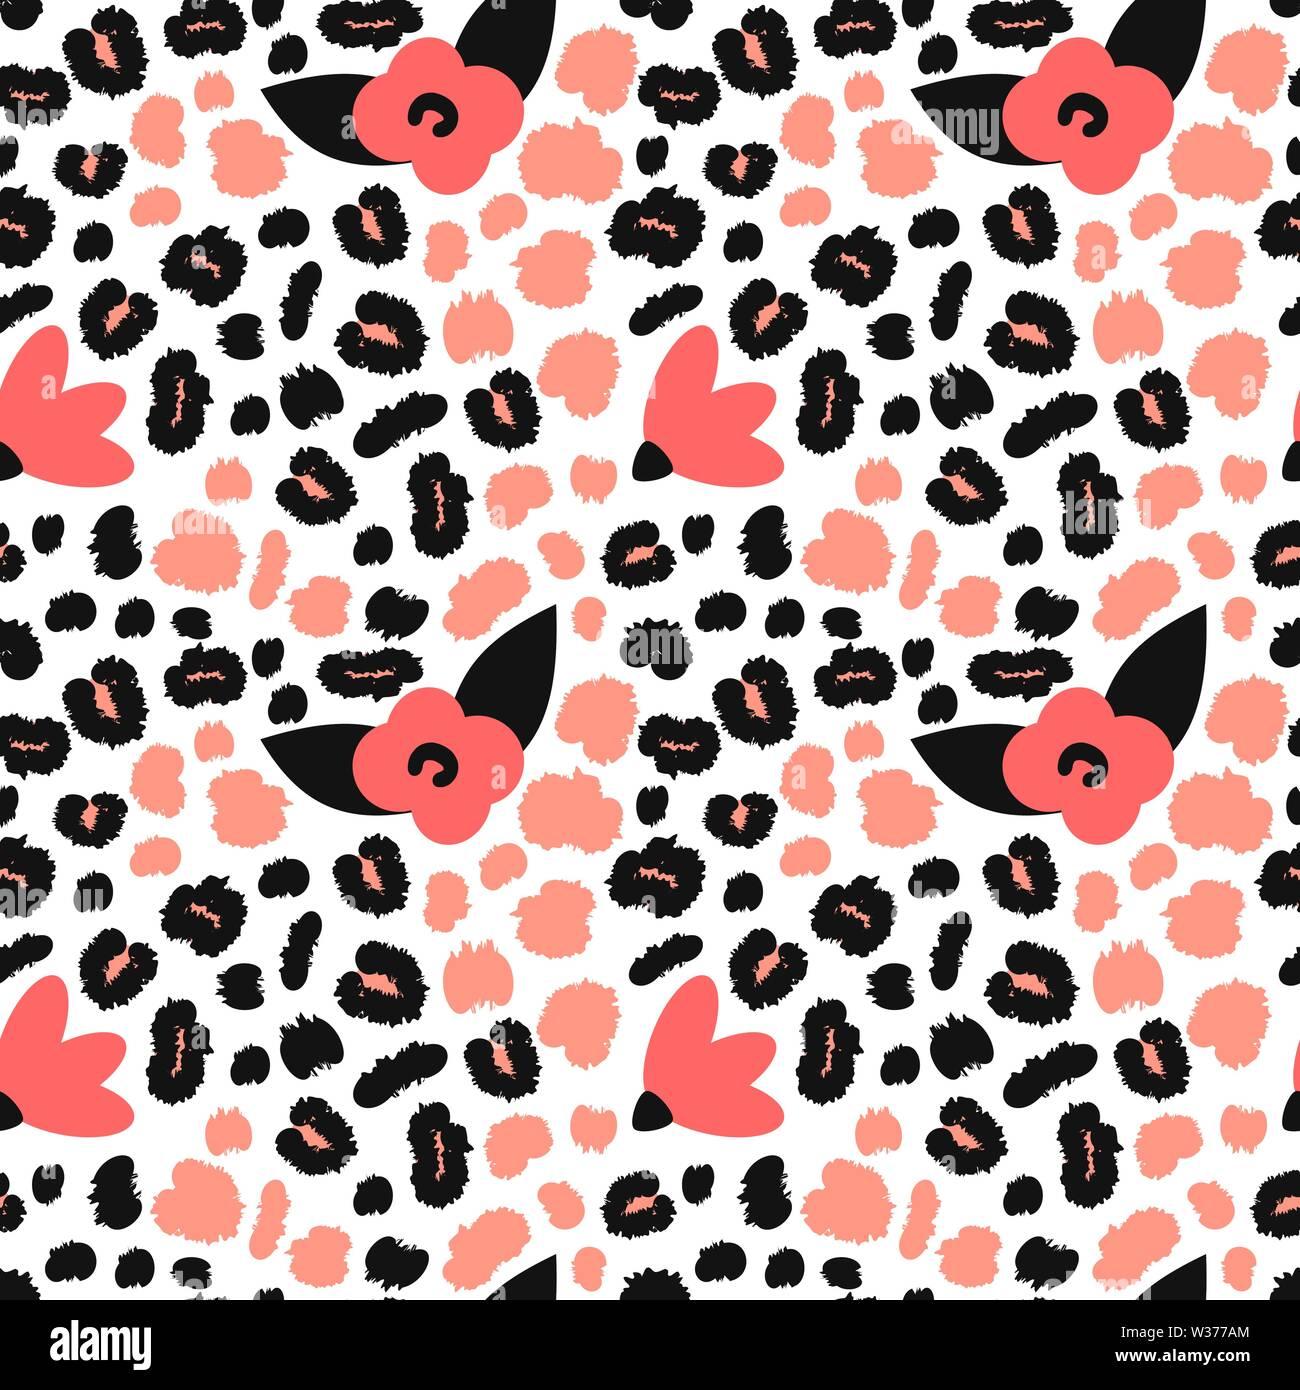 Cute nahtlose Vektor Muster Hintergrund Abbildung mit Rosa und ...